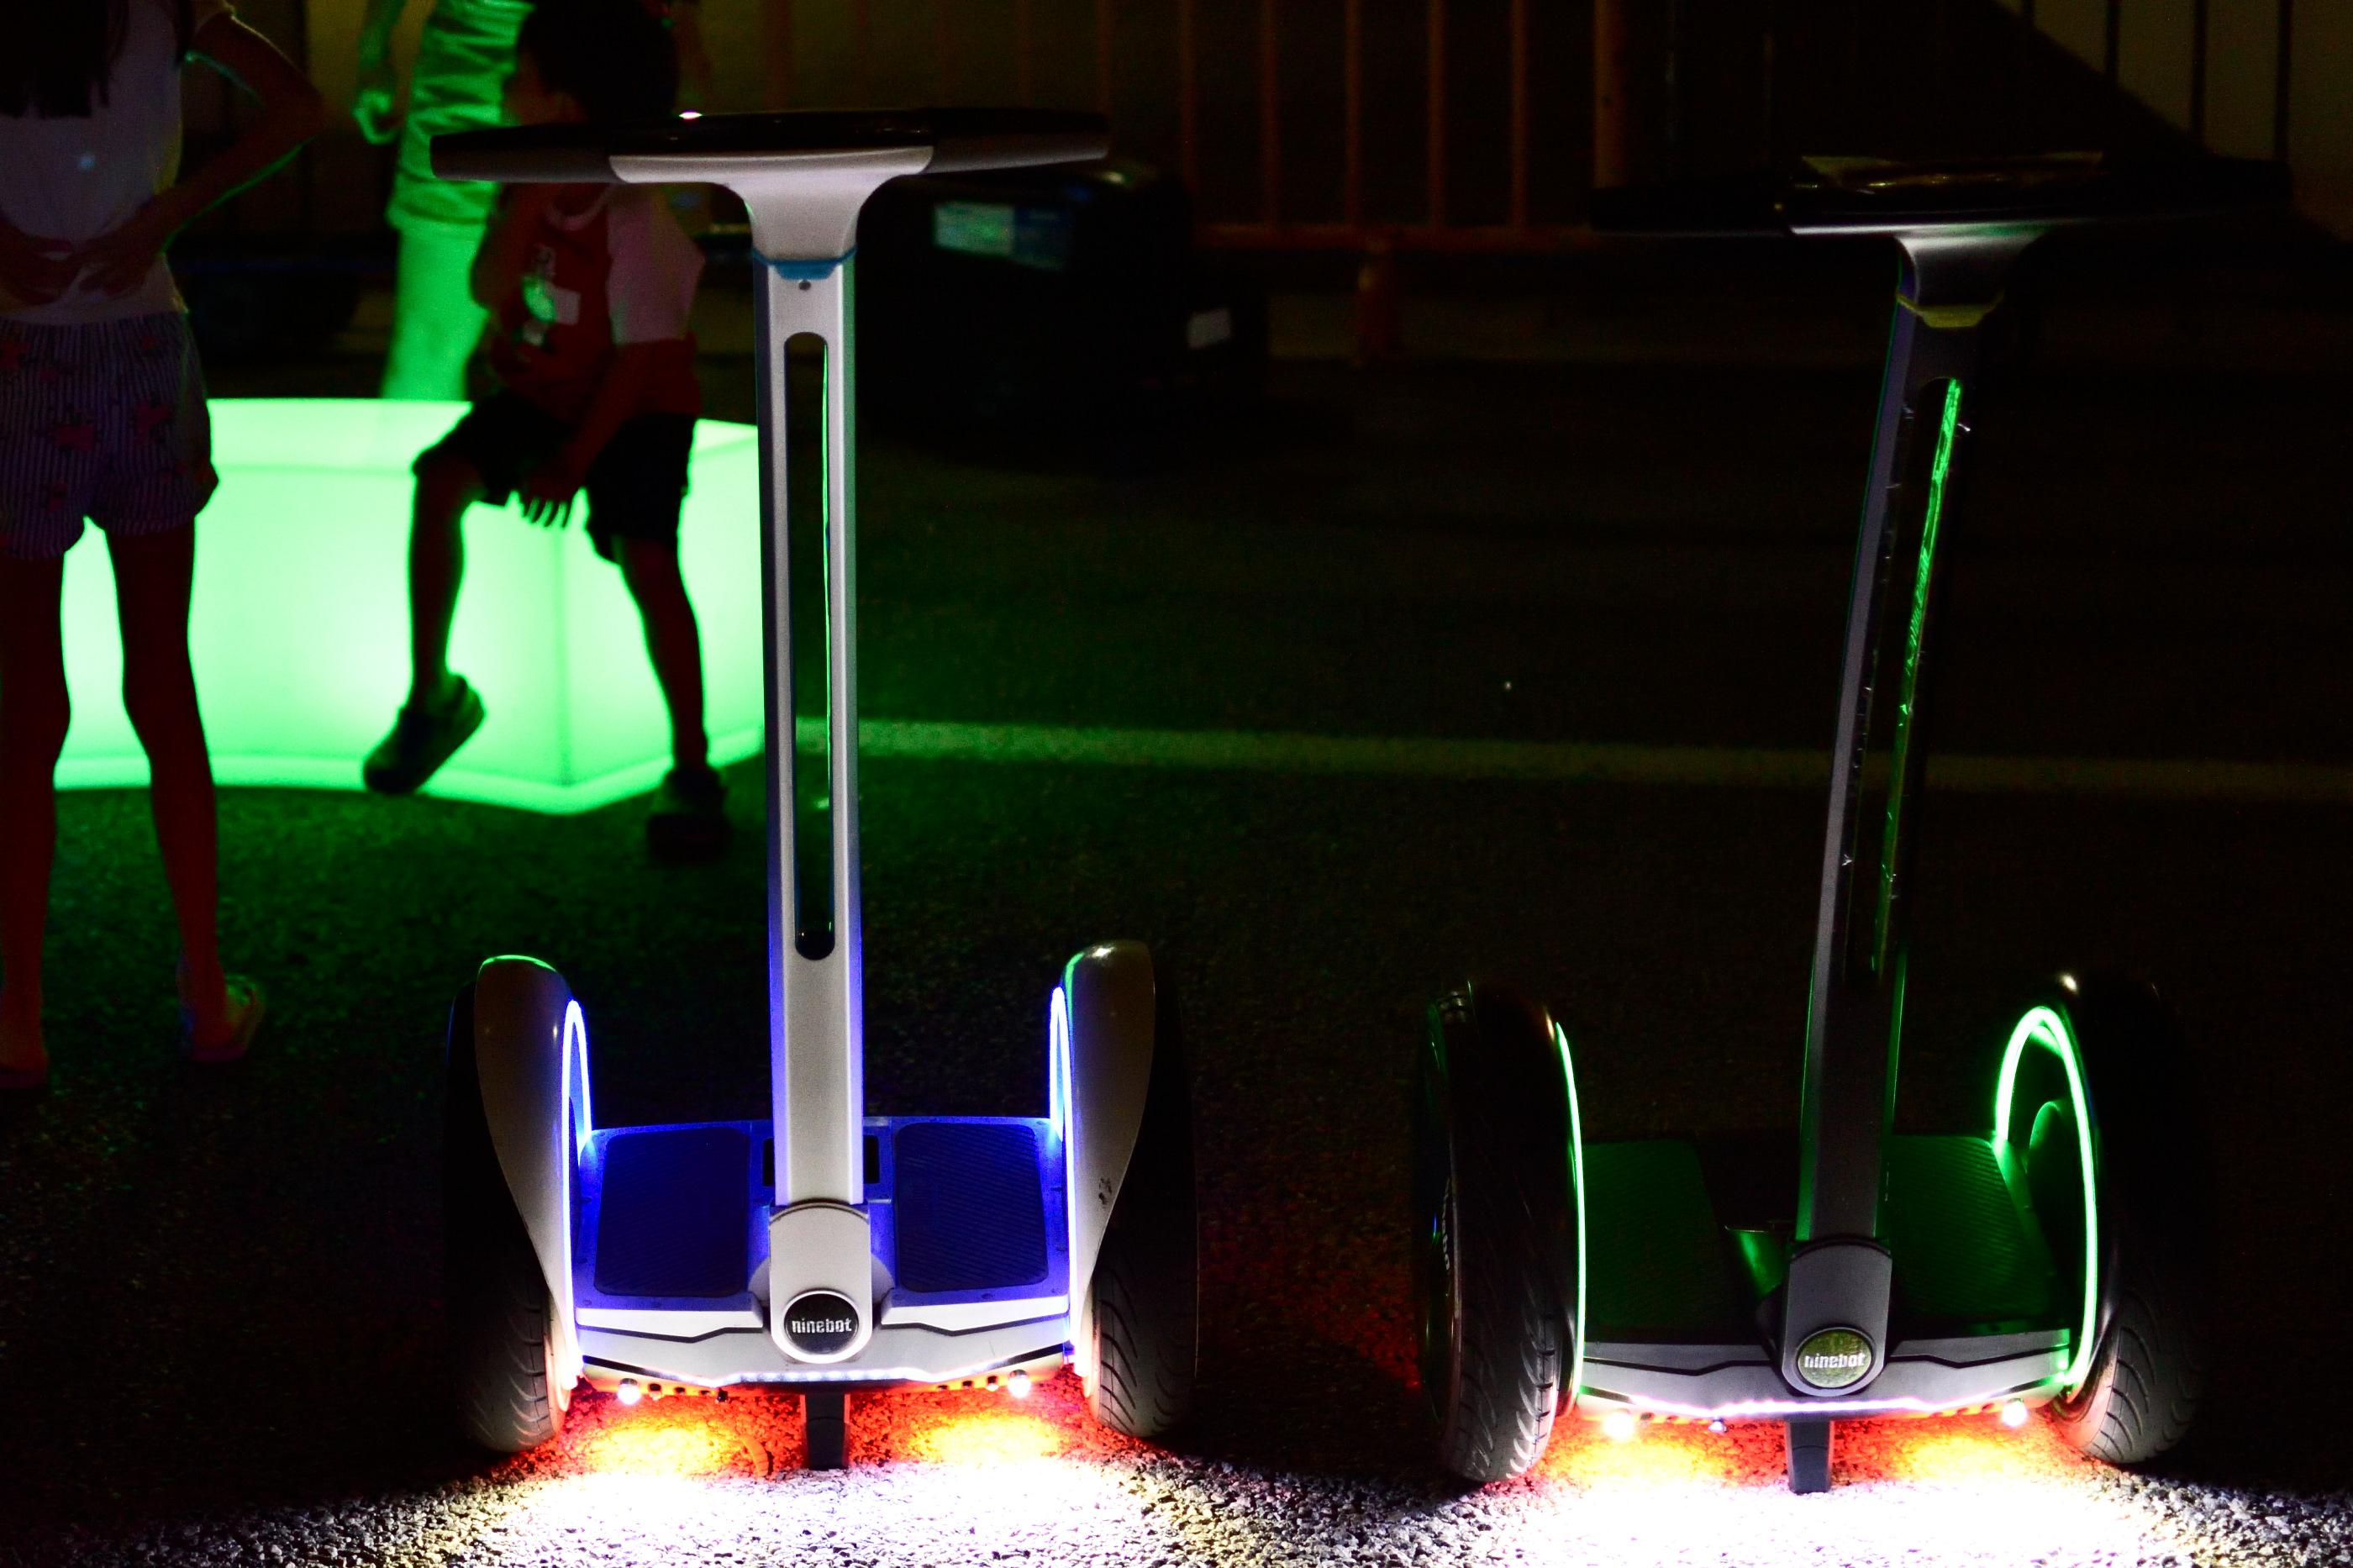 Ninebot rides.